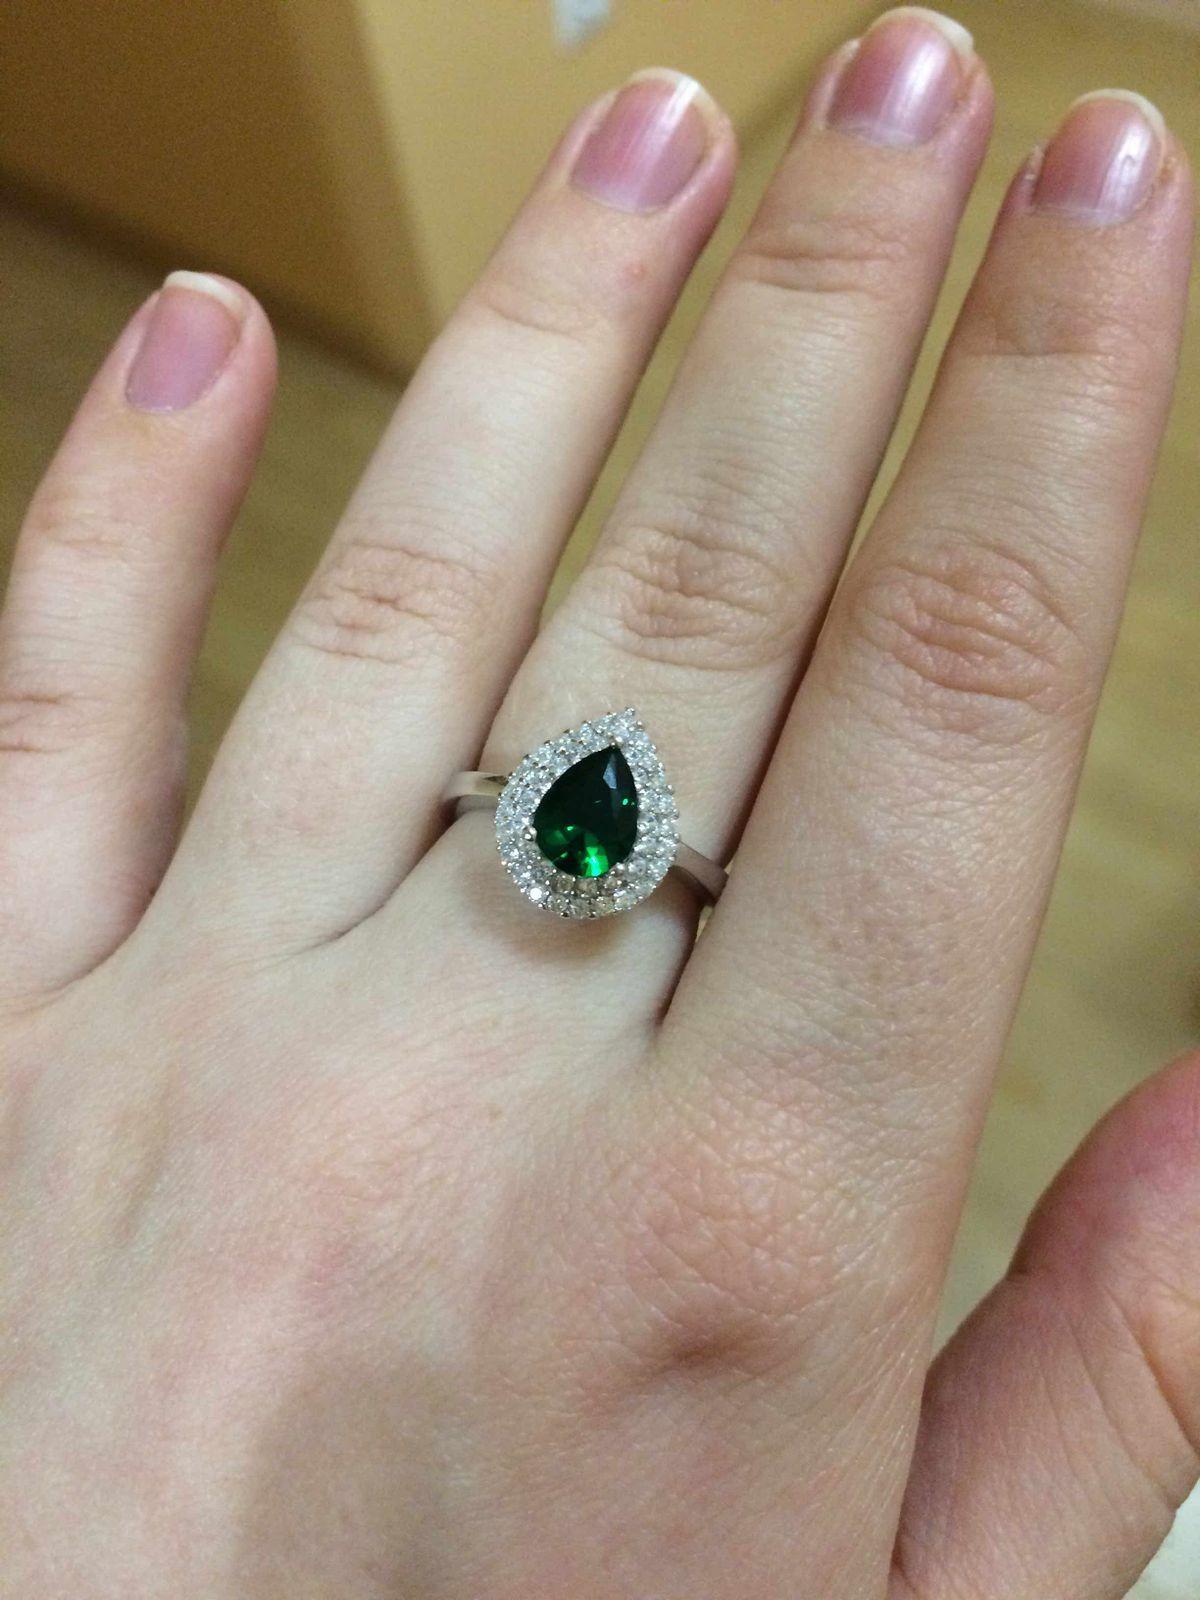 Самое красивое кольцо, в которое можно влюбится с первого взгляда))